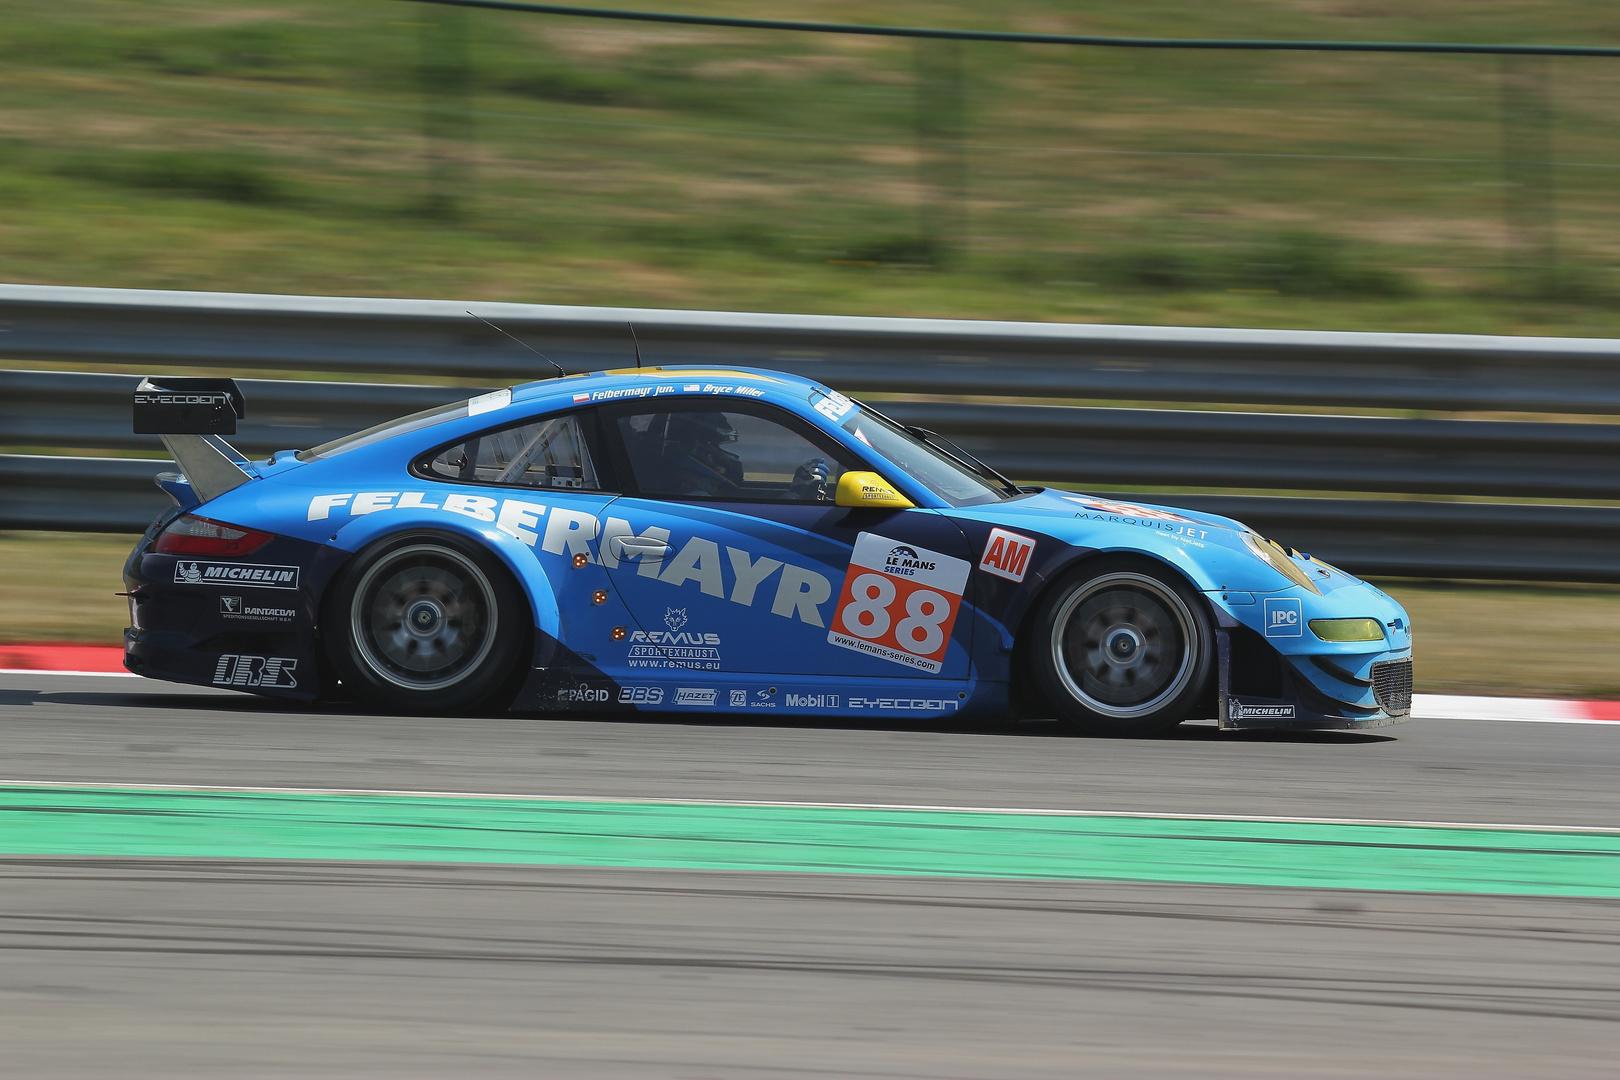 Felbermayr Porsche 1000 km LMS Spa 2011